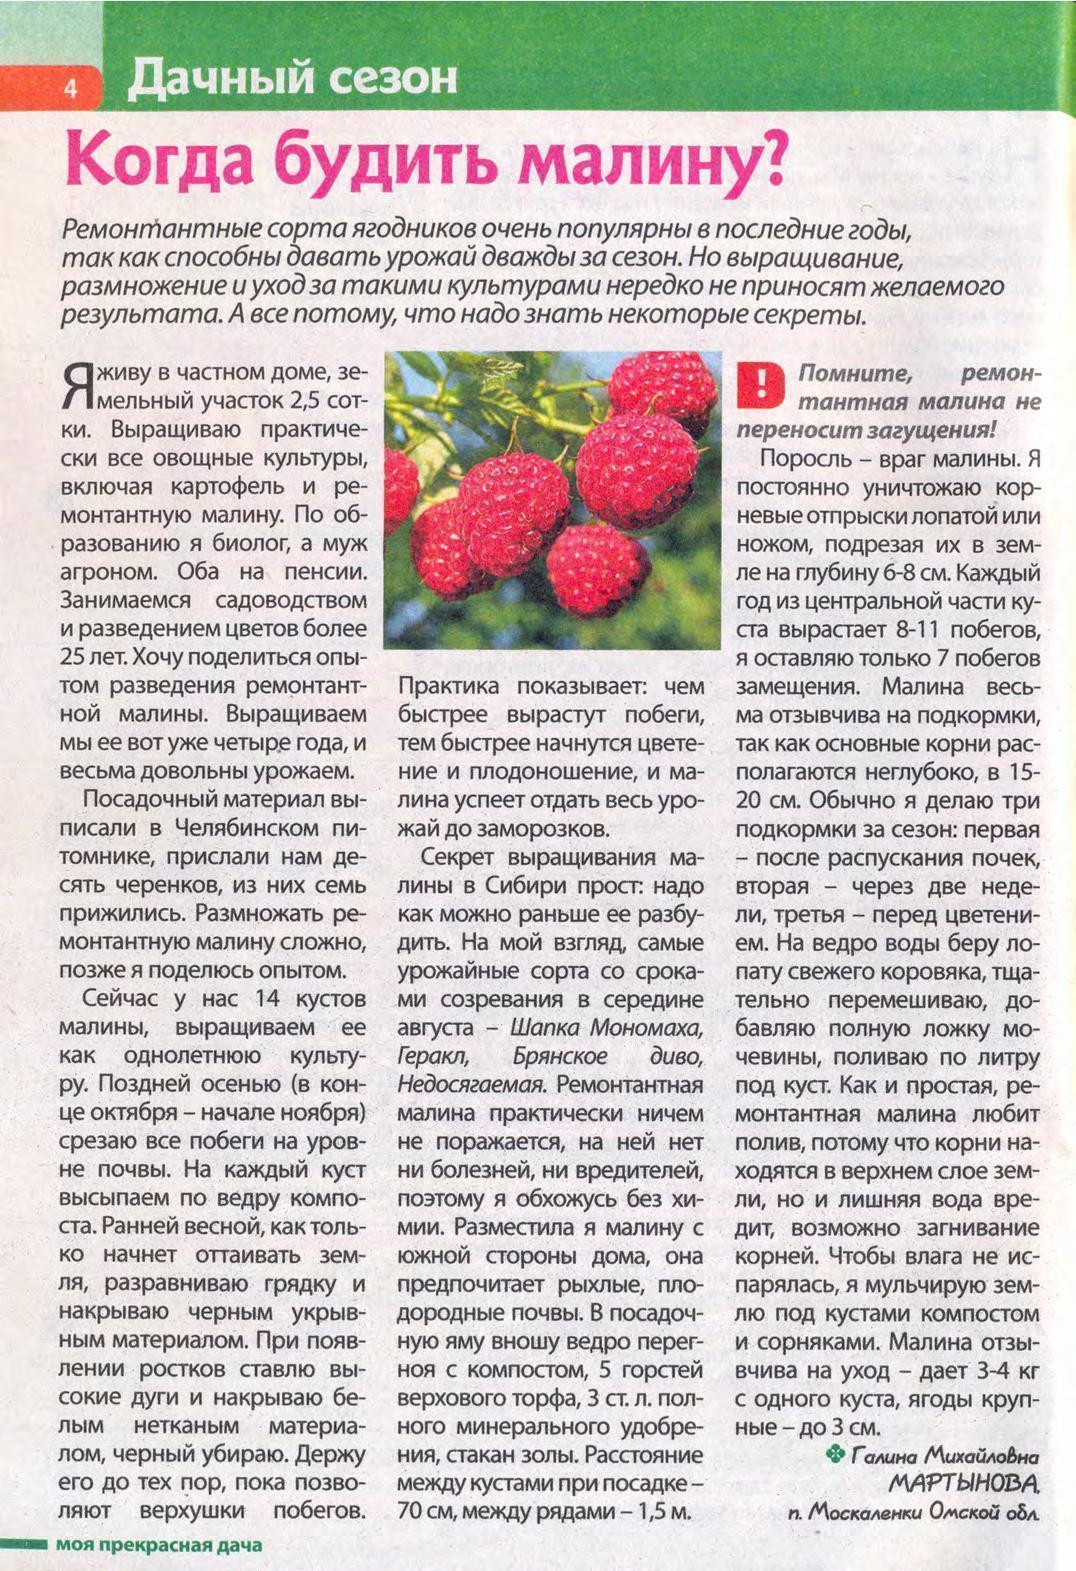 Малина журавлик — описание сорта, фото и отзывы садоводов